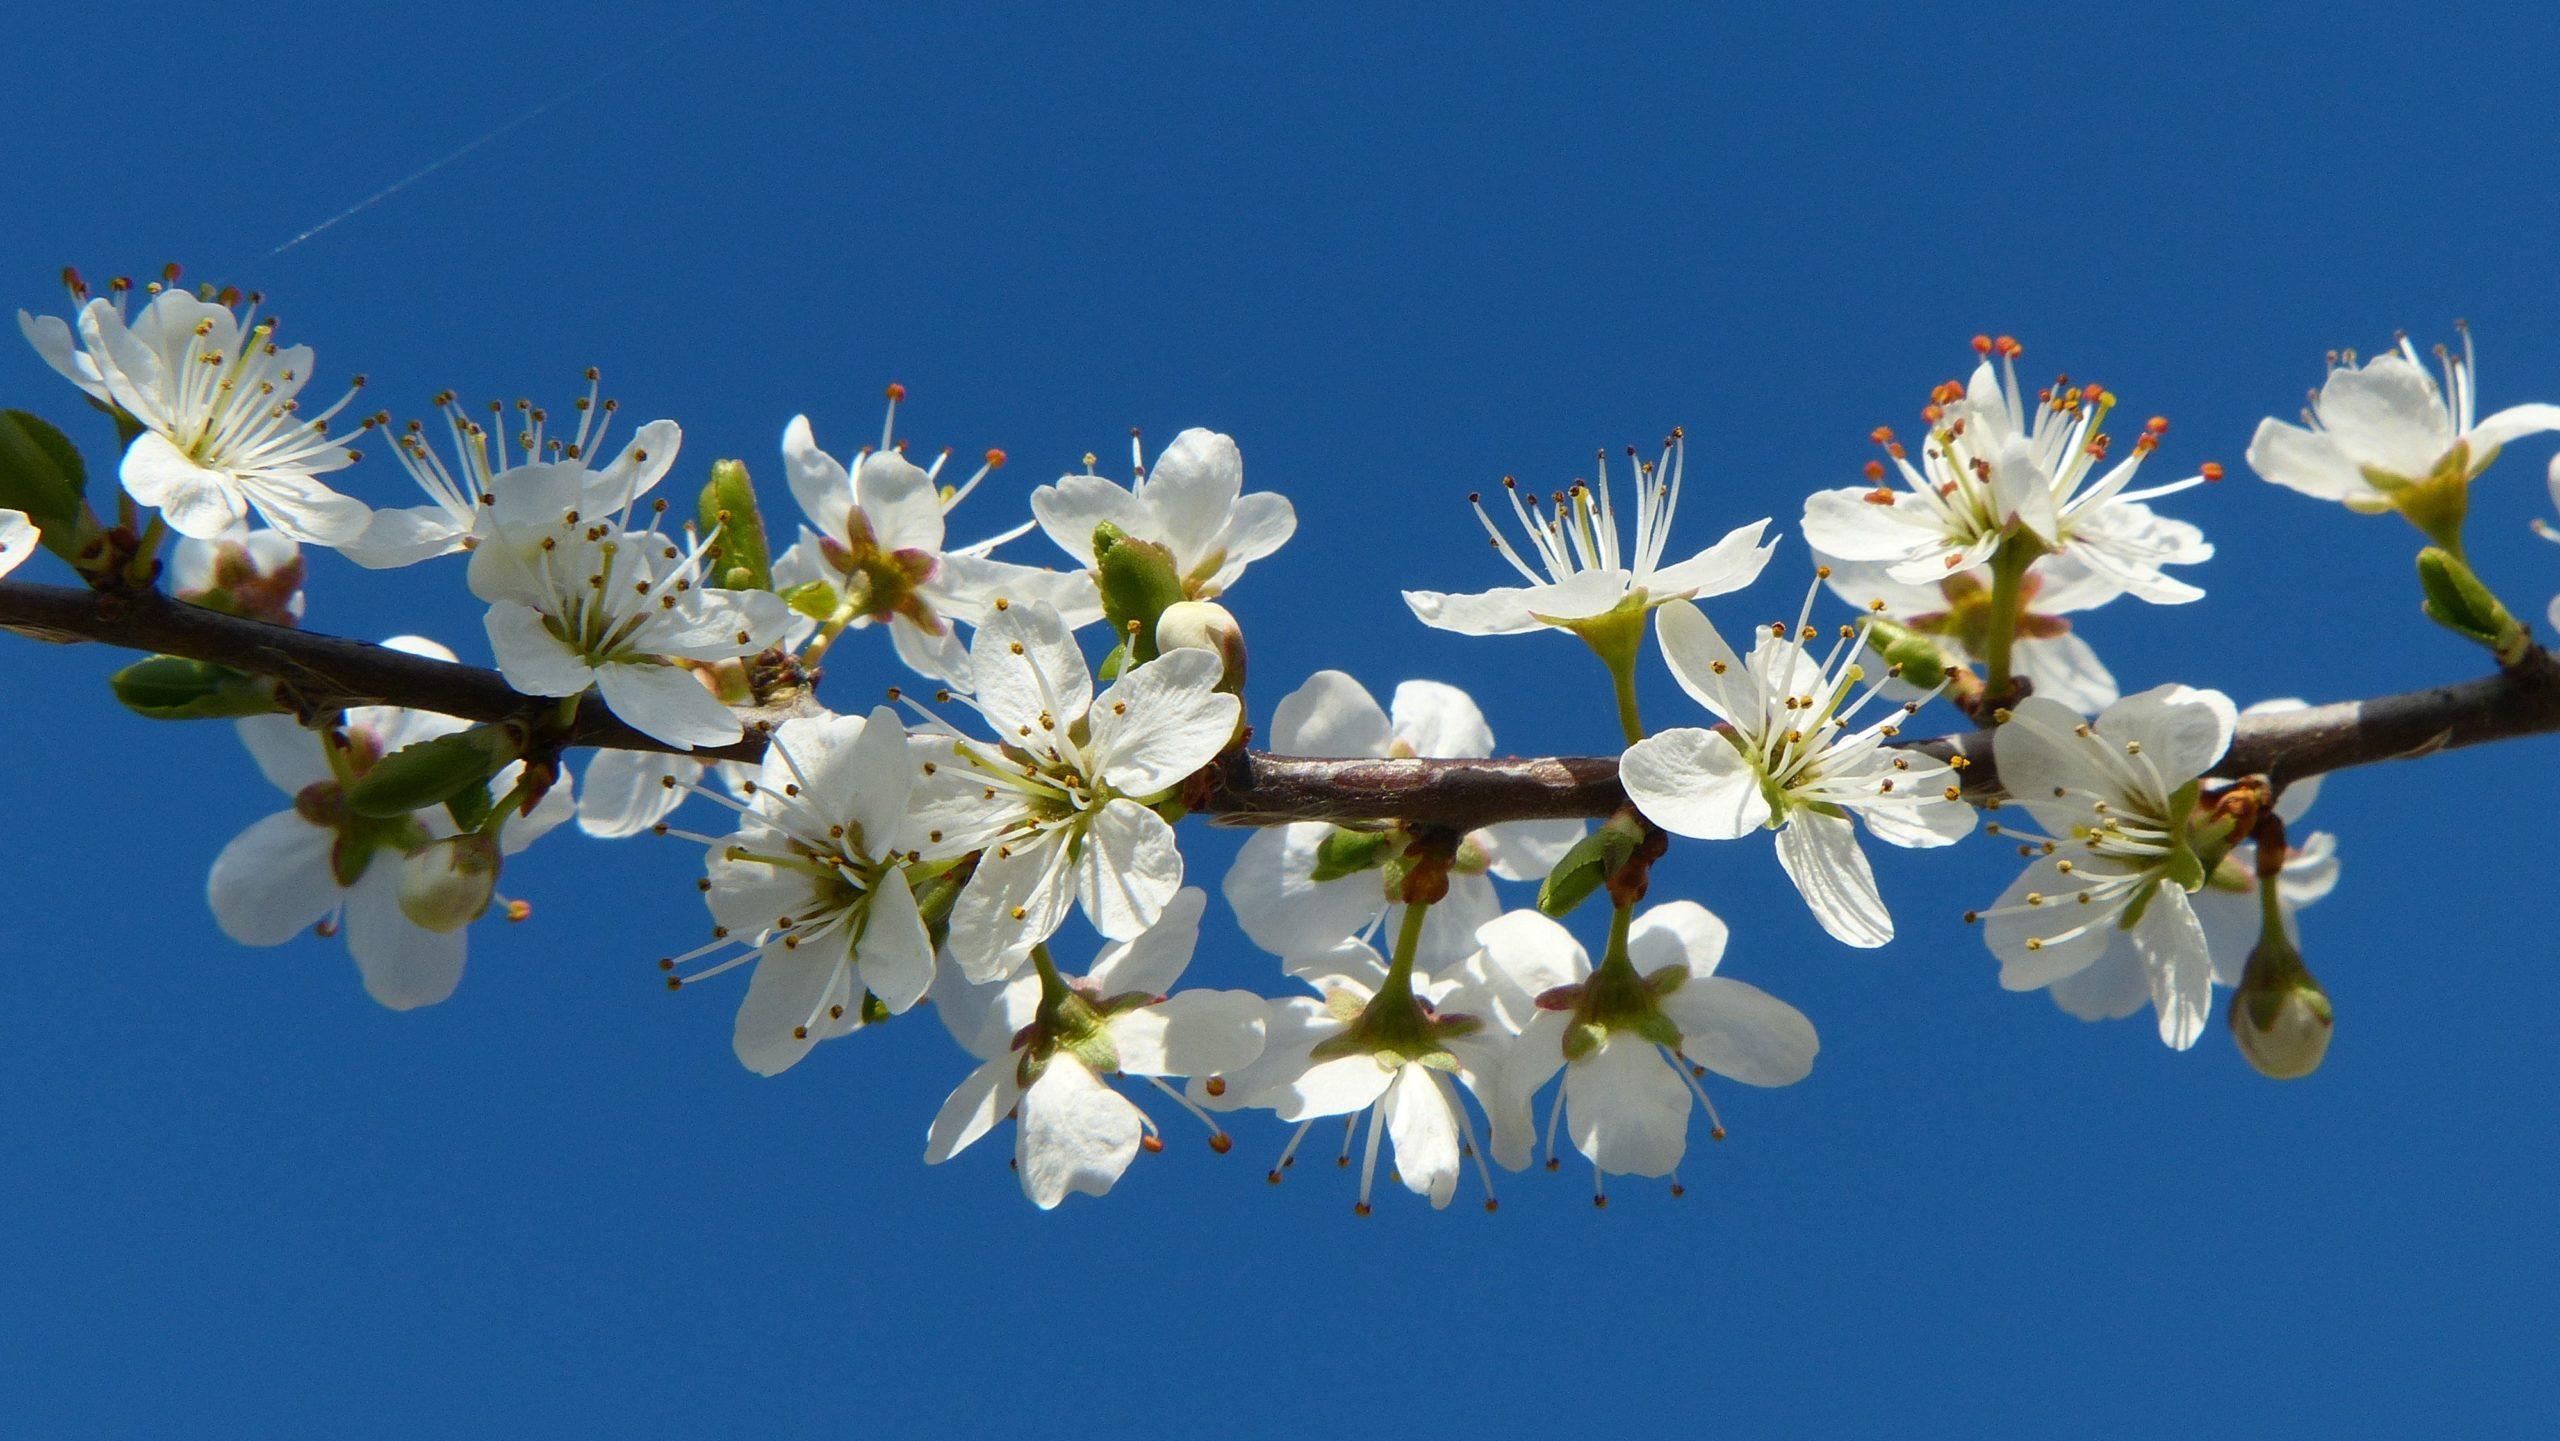 Blackthorn (Prunus spinosa) by Mike Beard